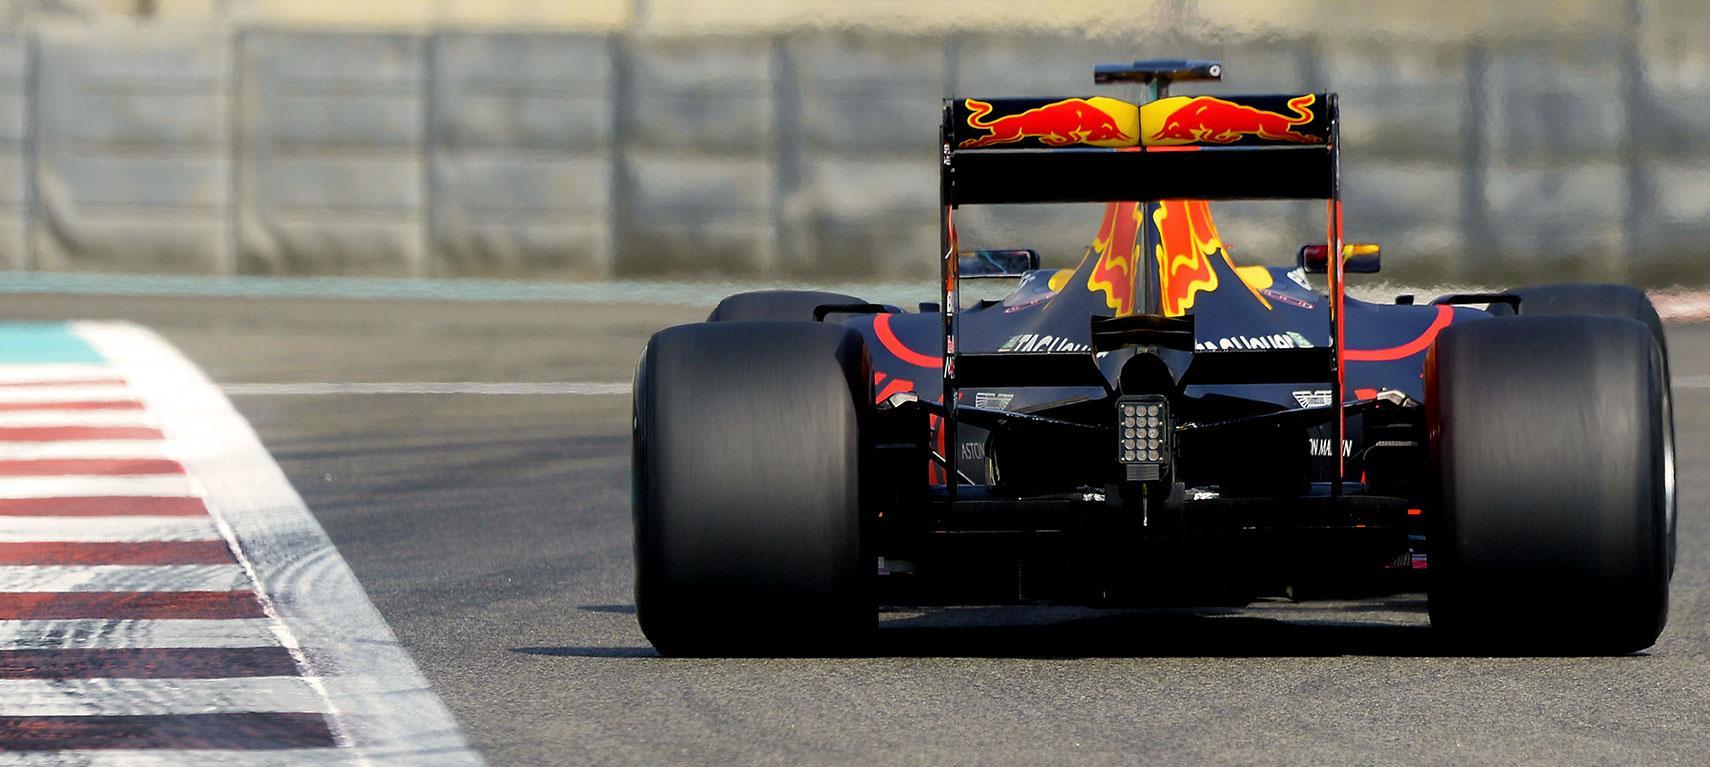 Пирелли определилась с типами шин на первые Гран-при F1 2019 года